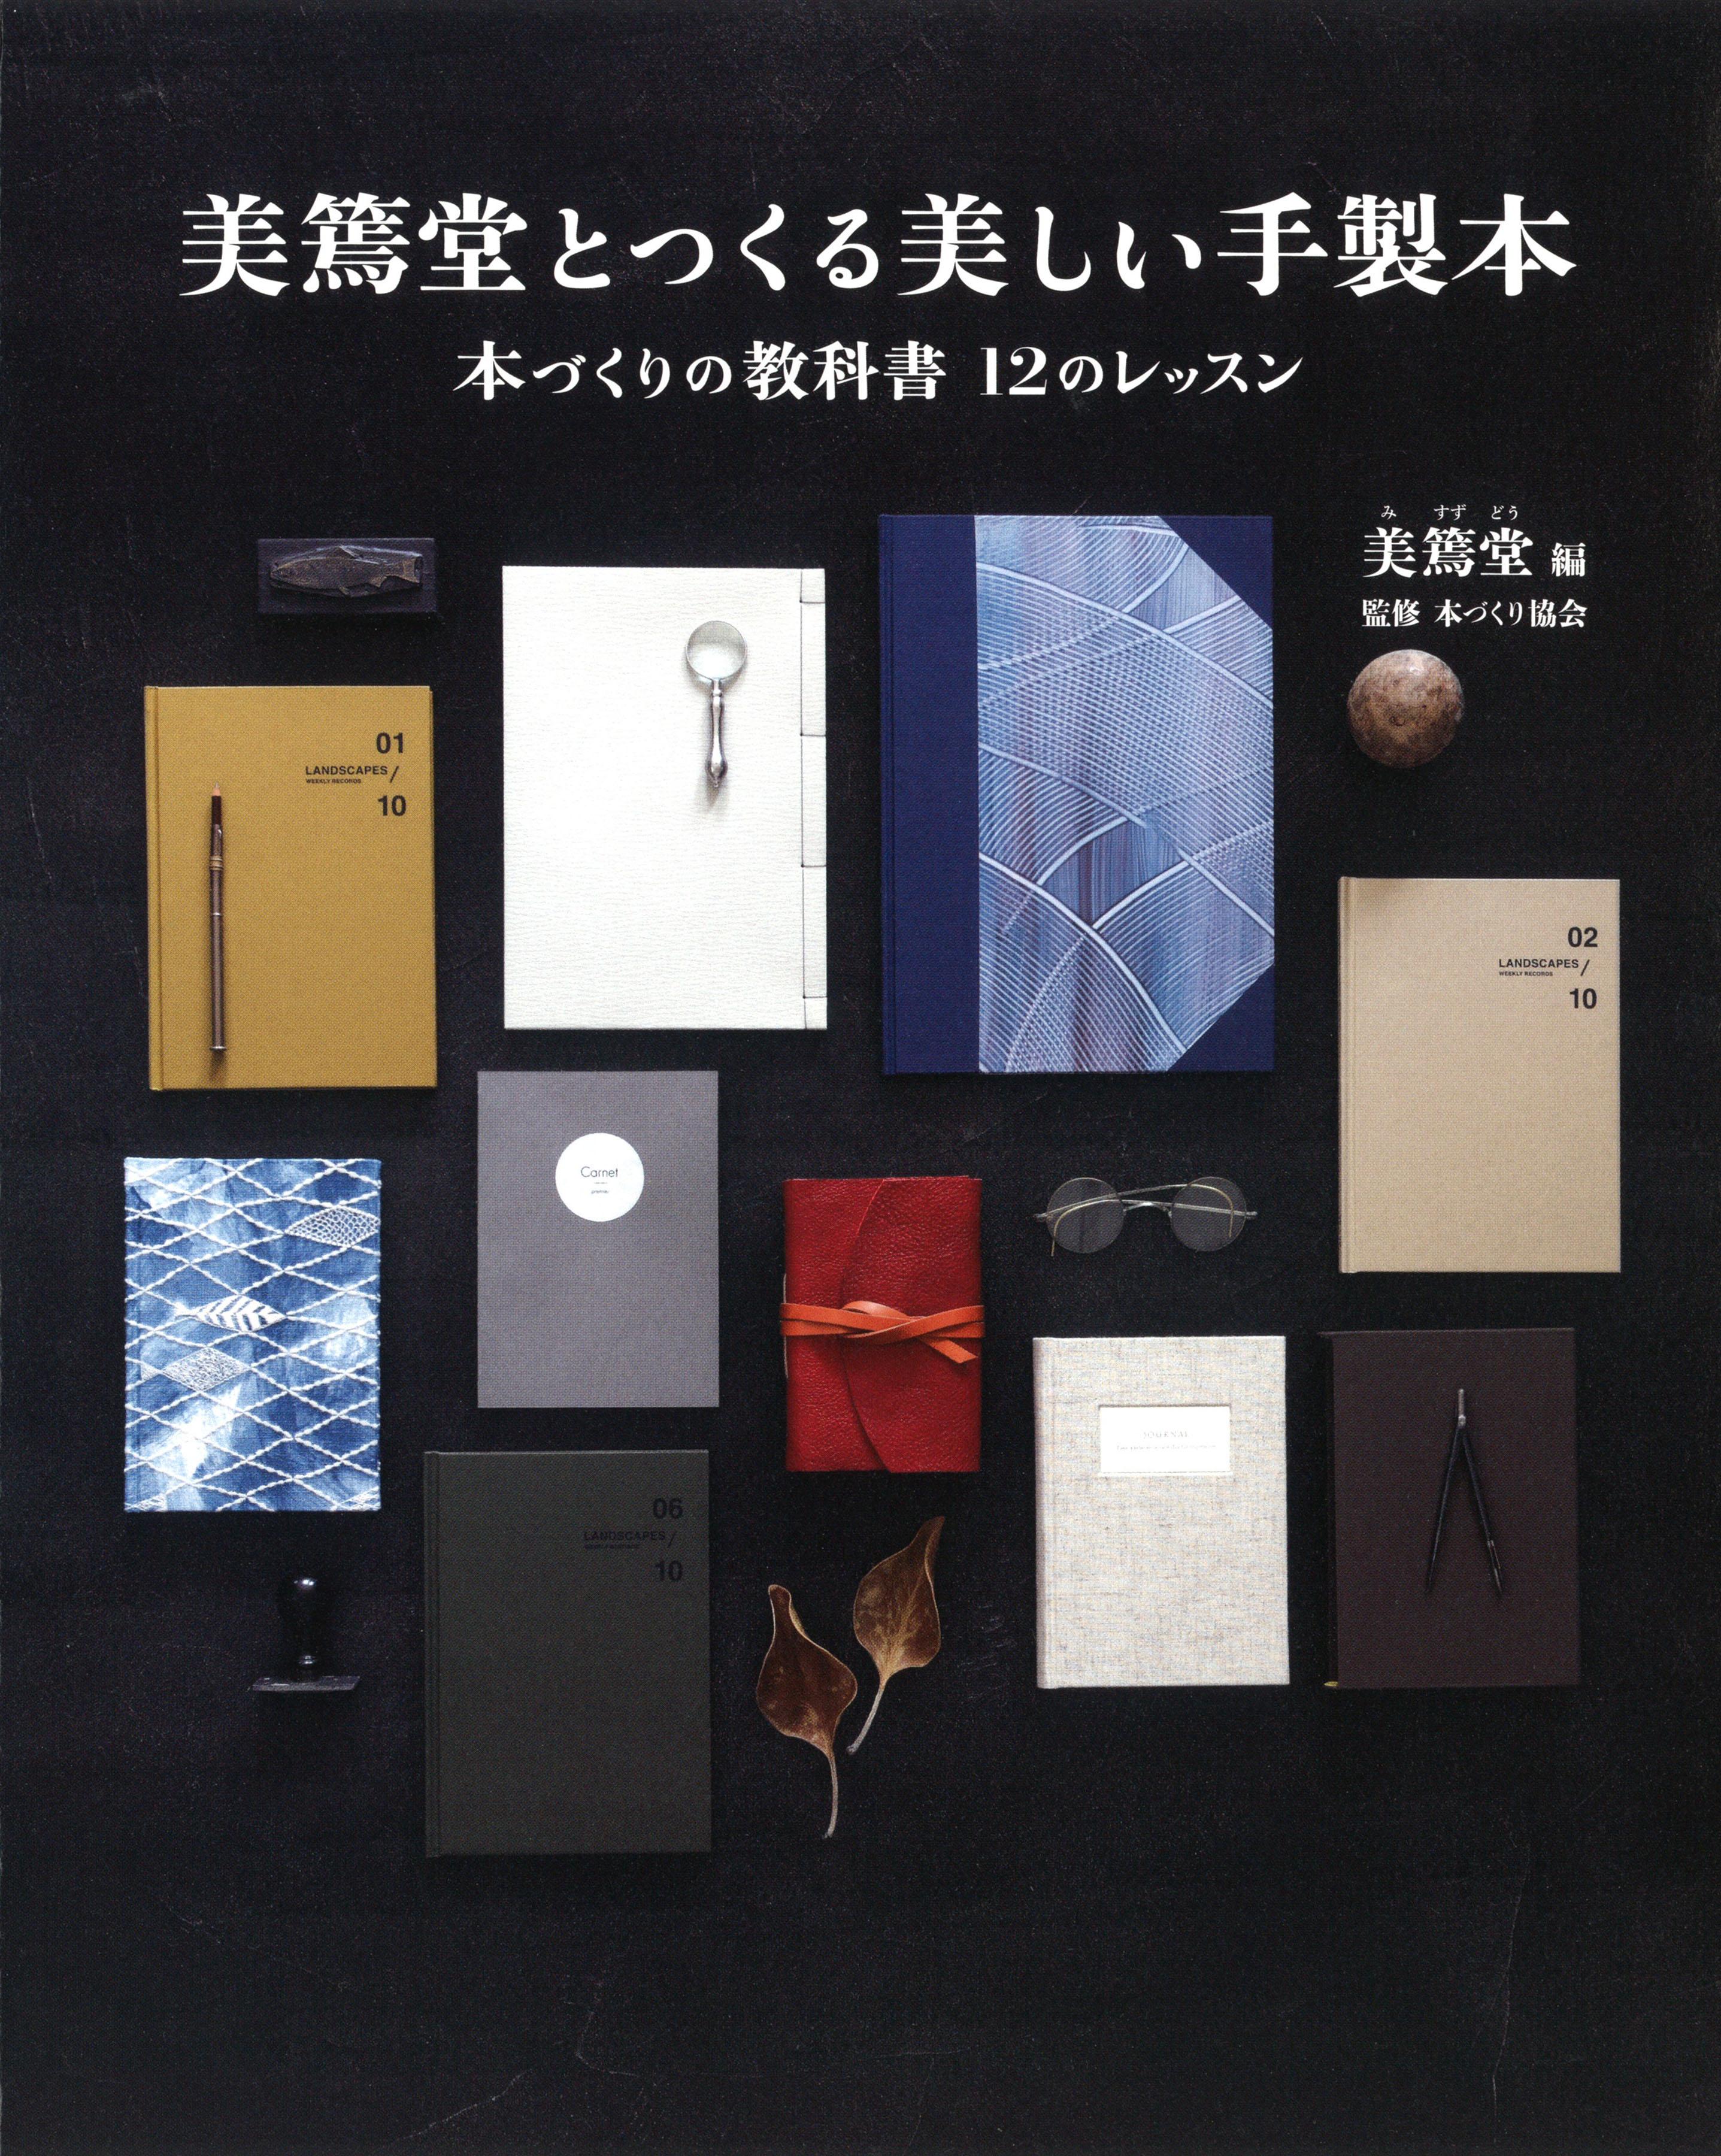 『美篶堂とつくる美しい手製本』